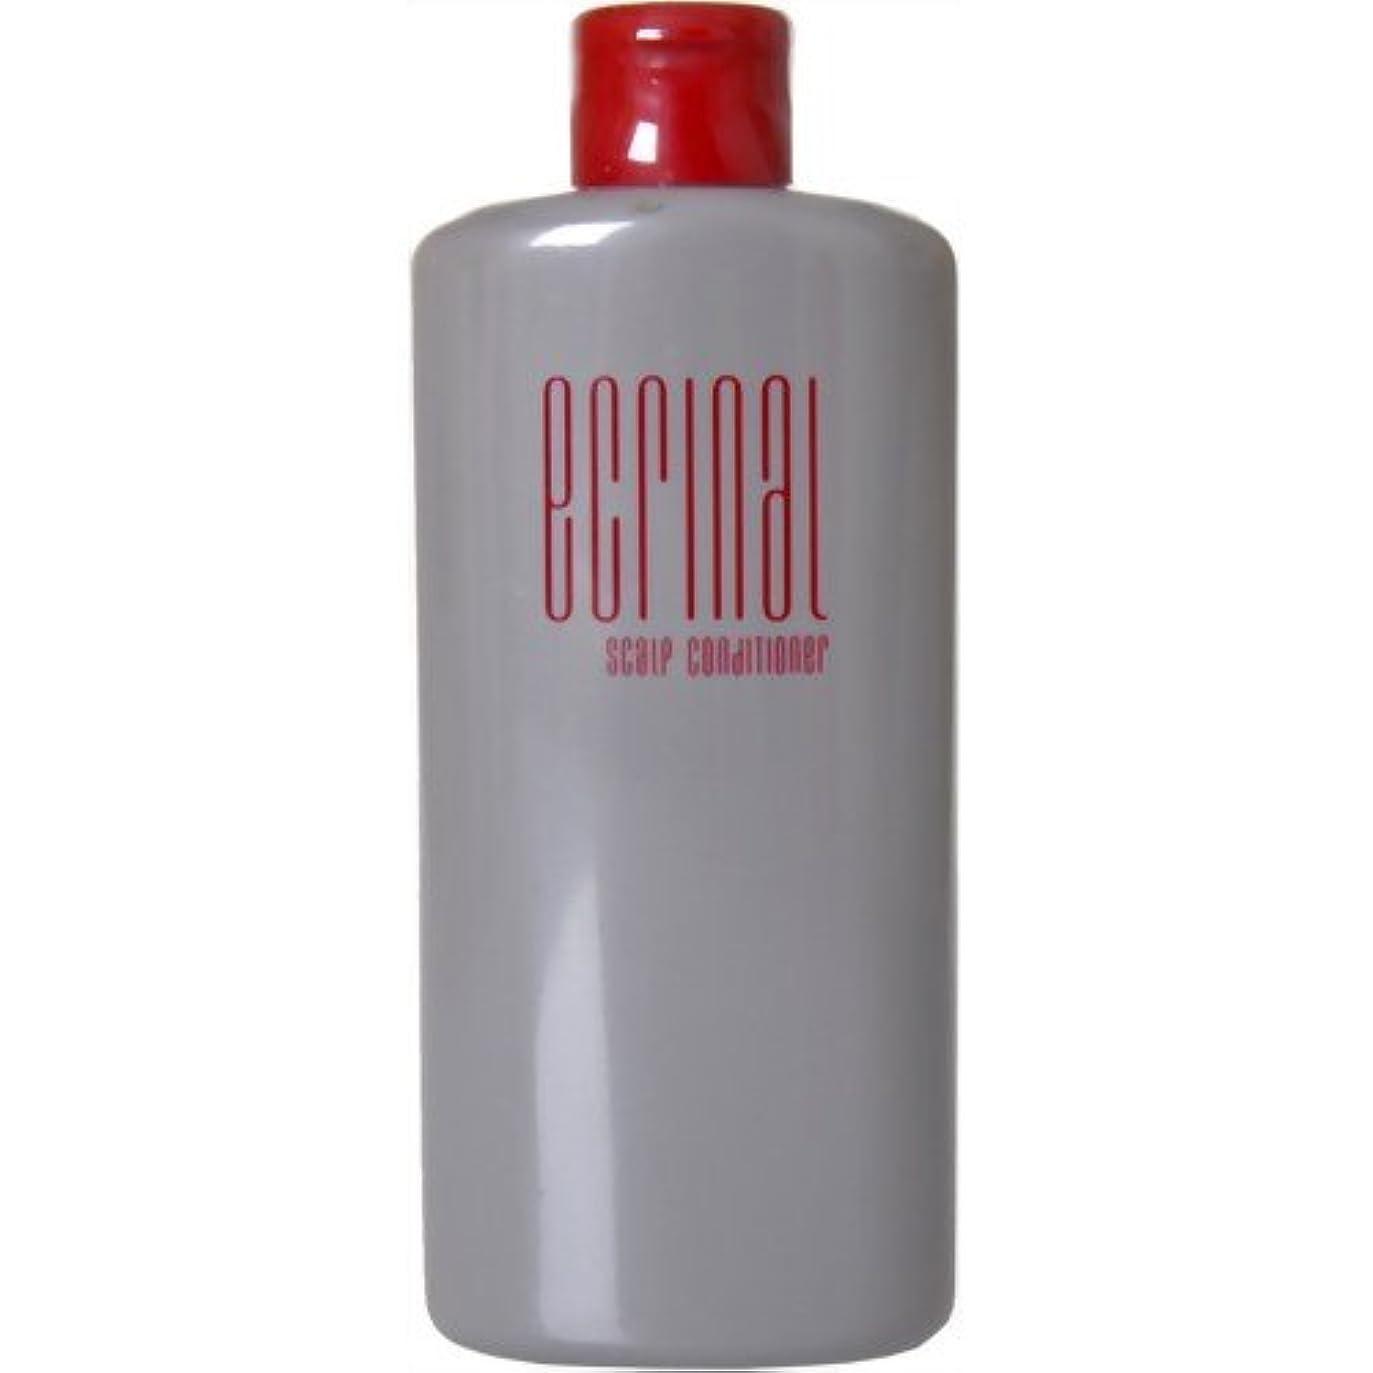 電球不透明な言い換えるとデミ化粧品 エクリナール スキャルプコンディショナー 容量300ml